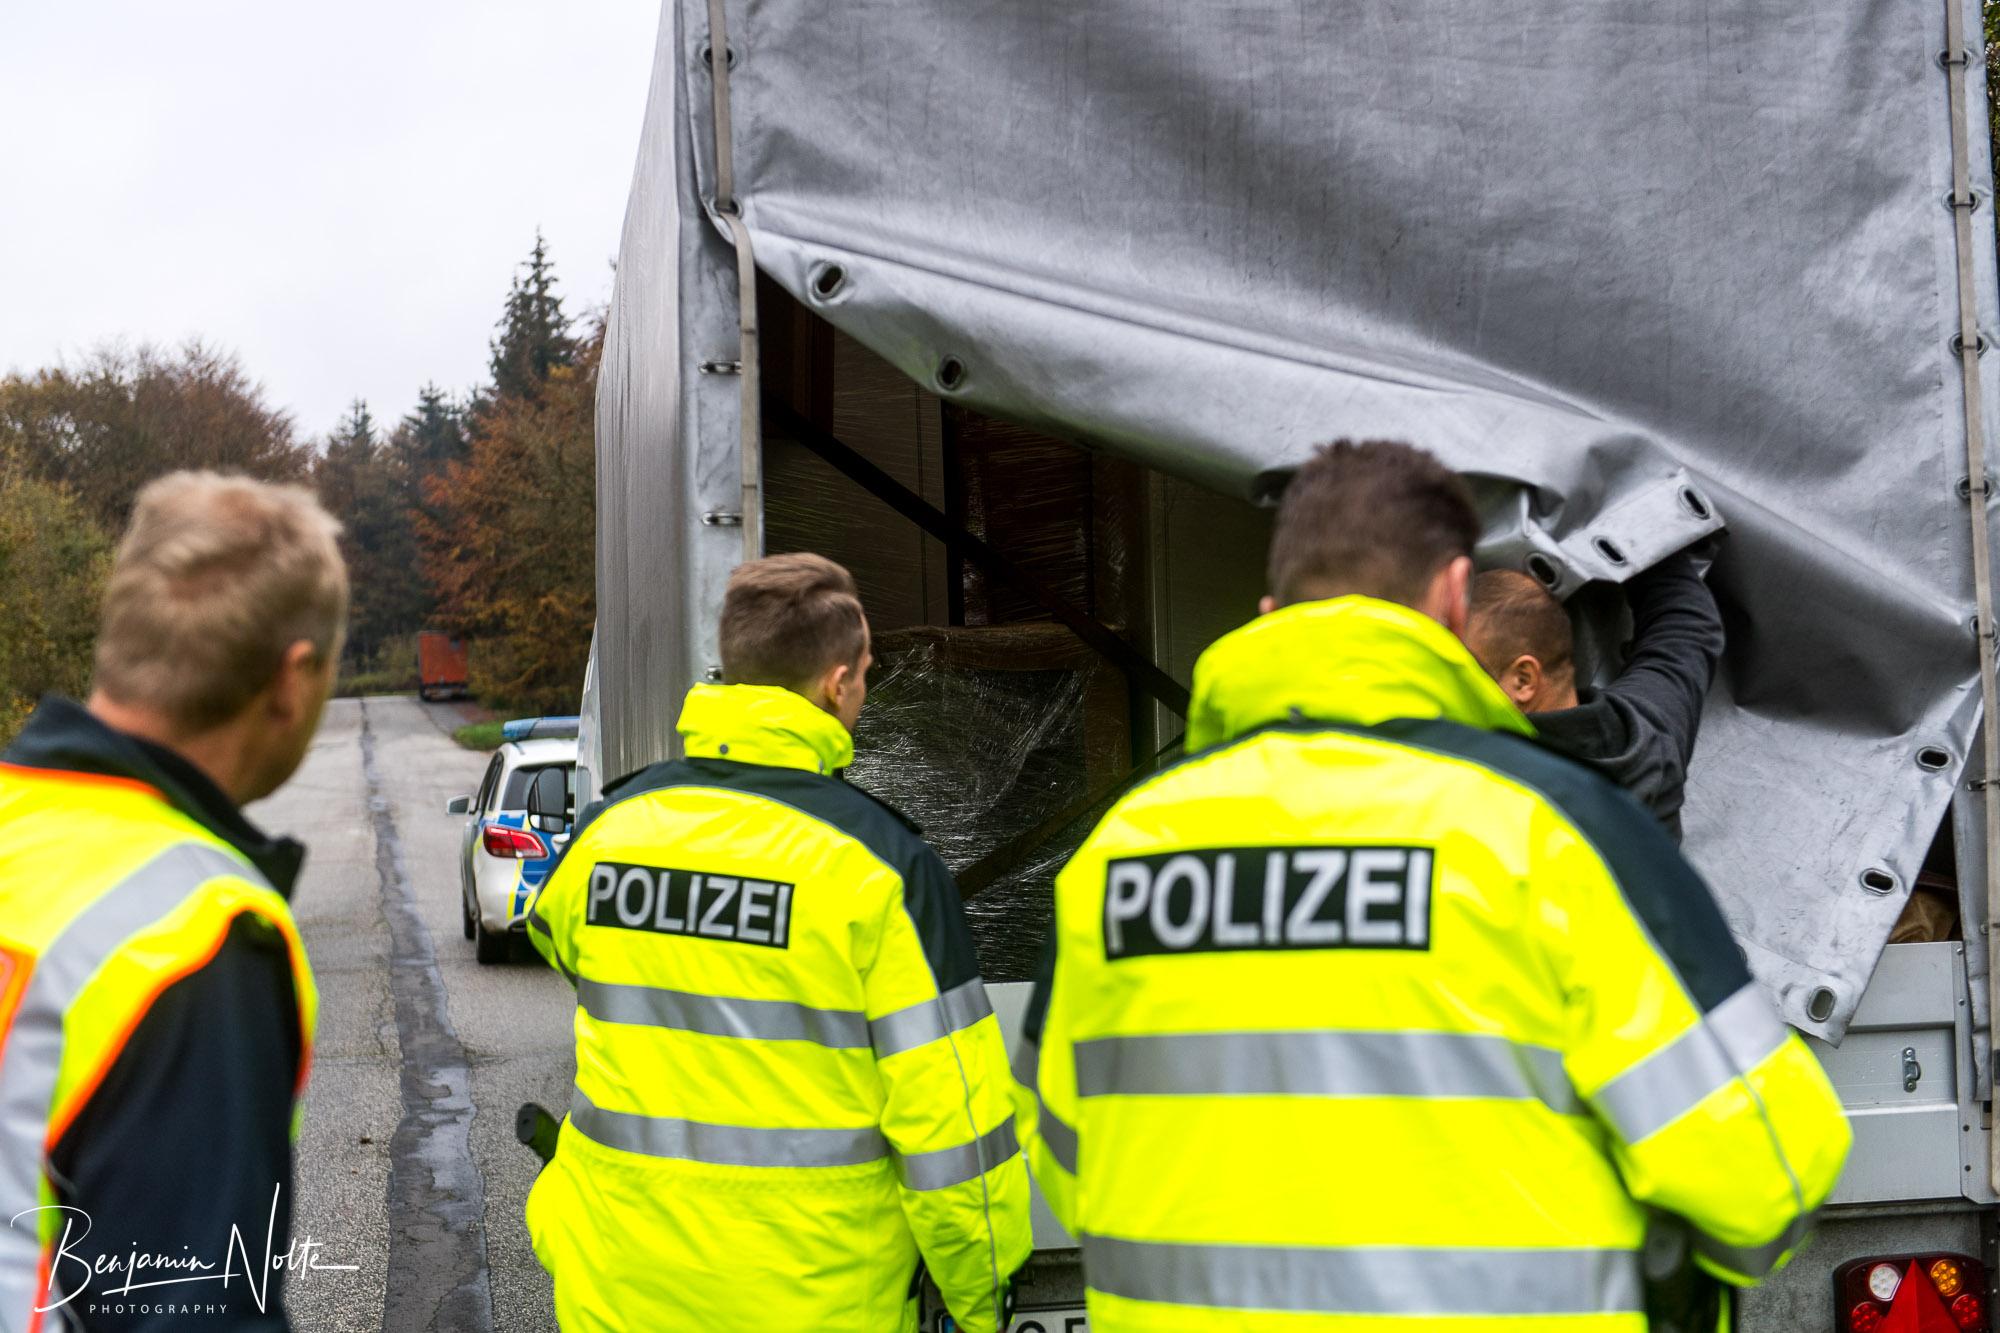 Bundespolizei_Flensburg_007